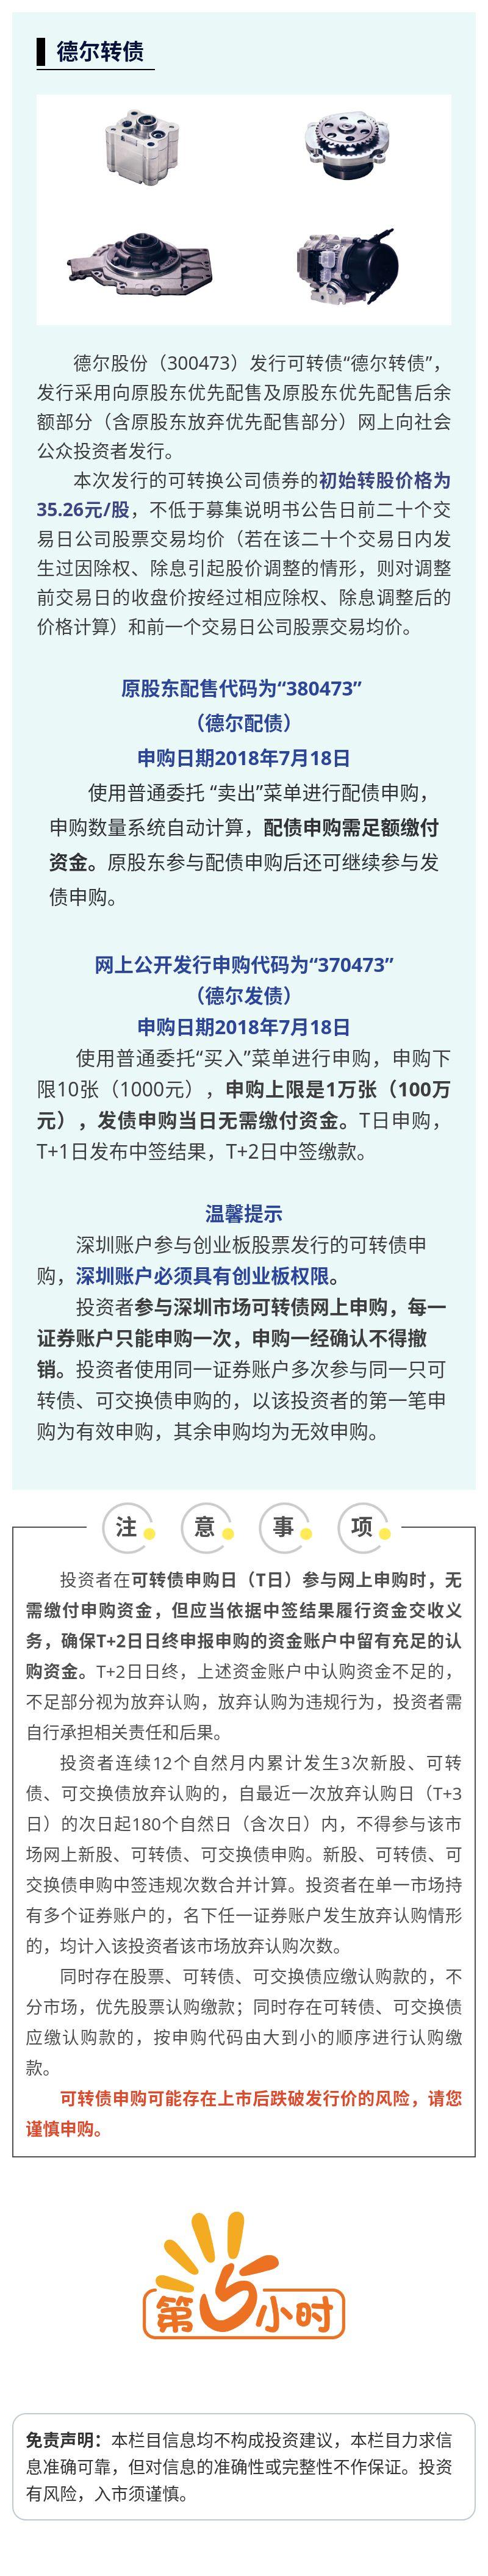 【新债申购】德尔股份(300473)公开发行可转换公司债.jpg